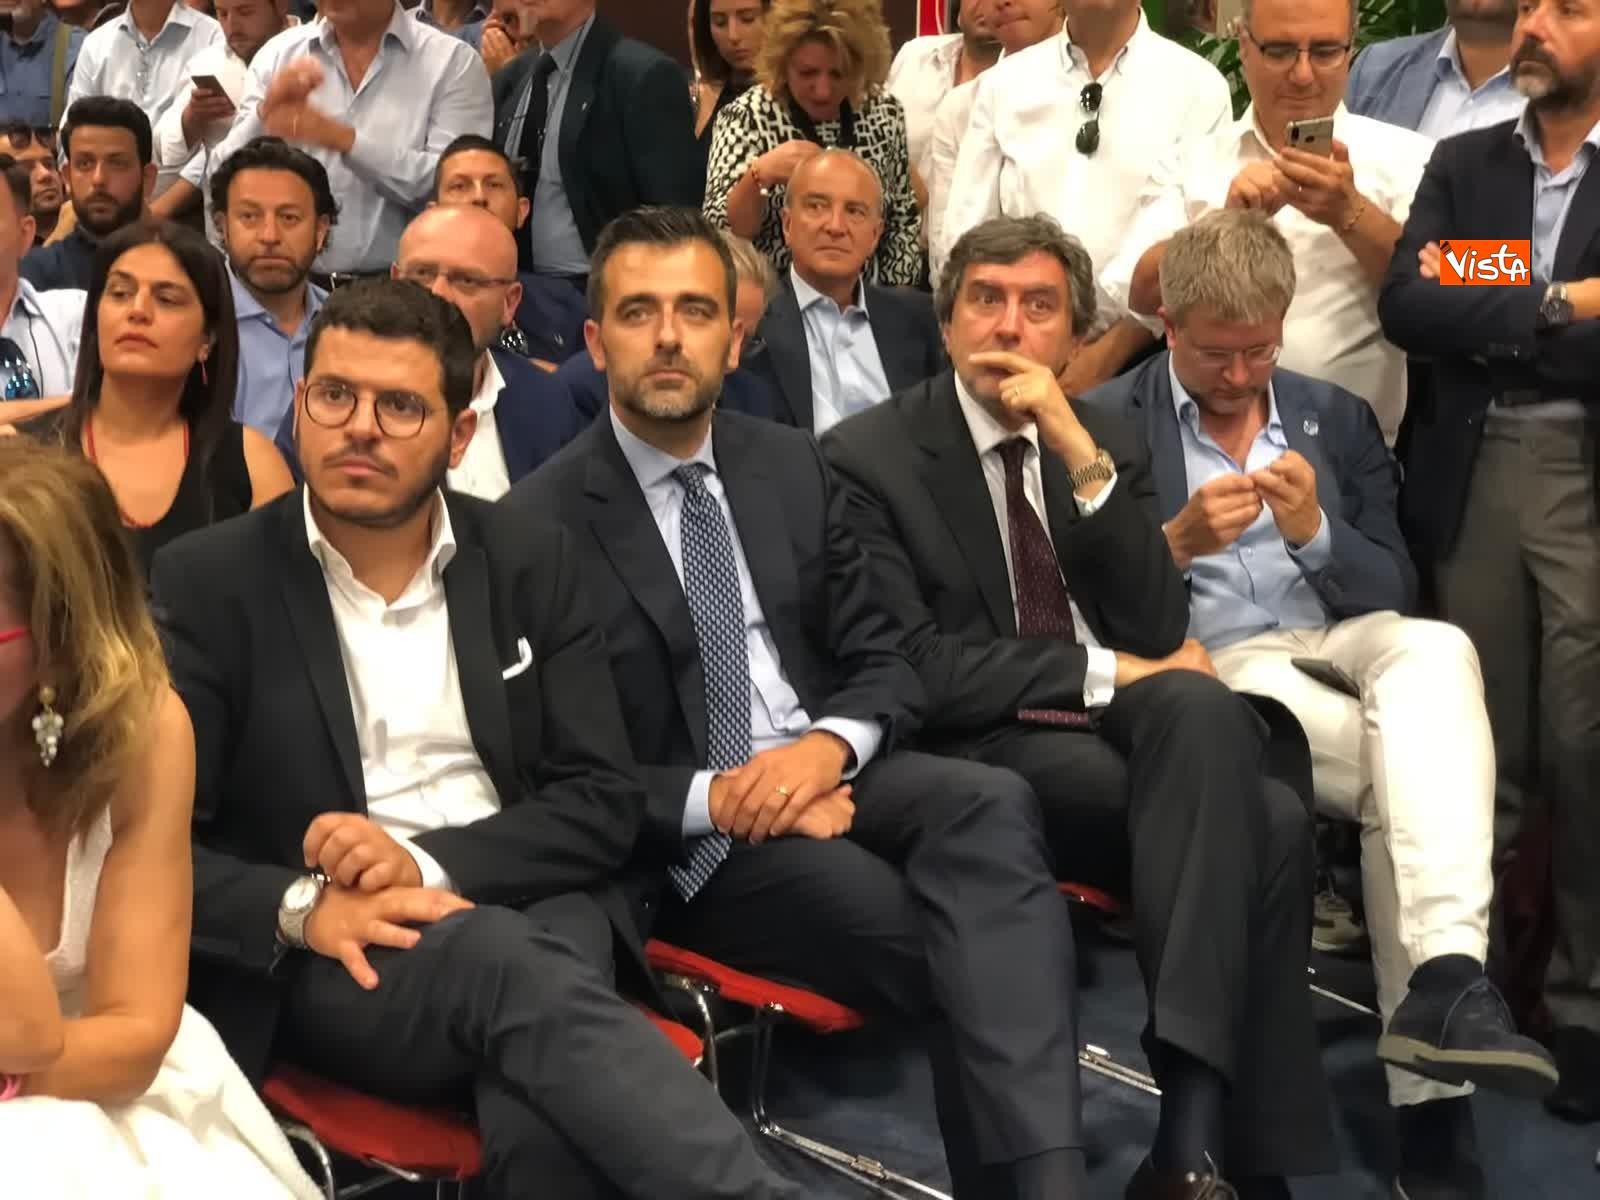 11-07-19 E sempre piu blu, Meloni ufficializza entrata a FdI del sindaco di Catania_07